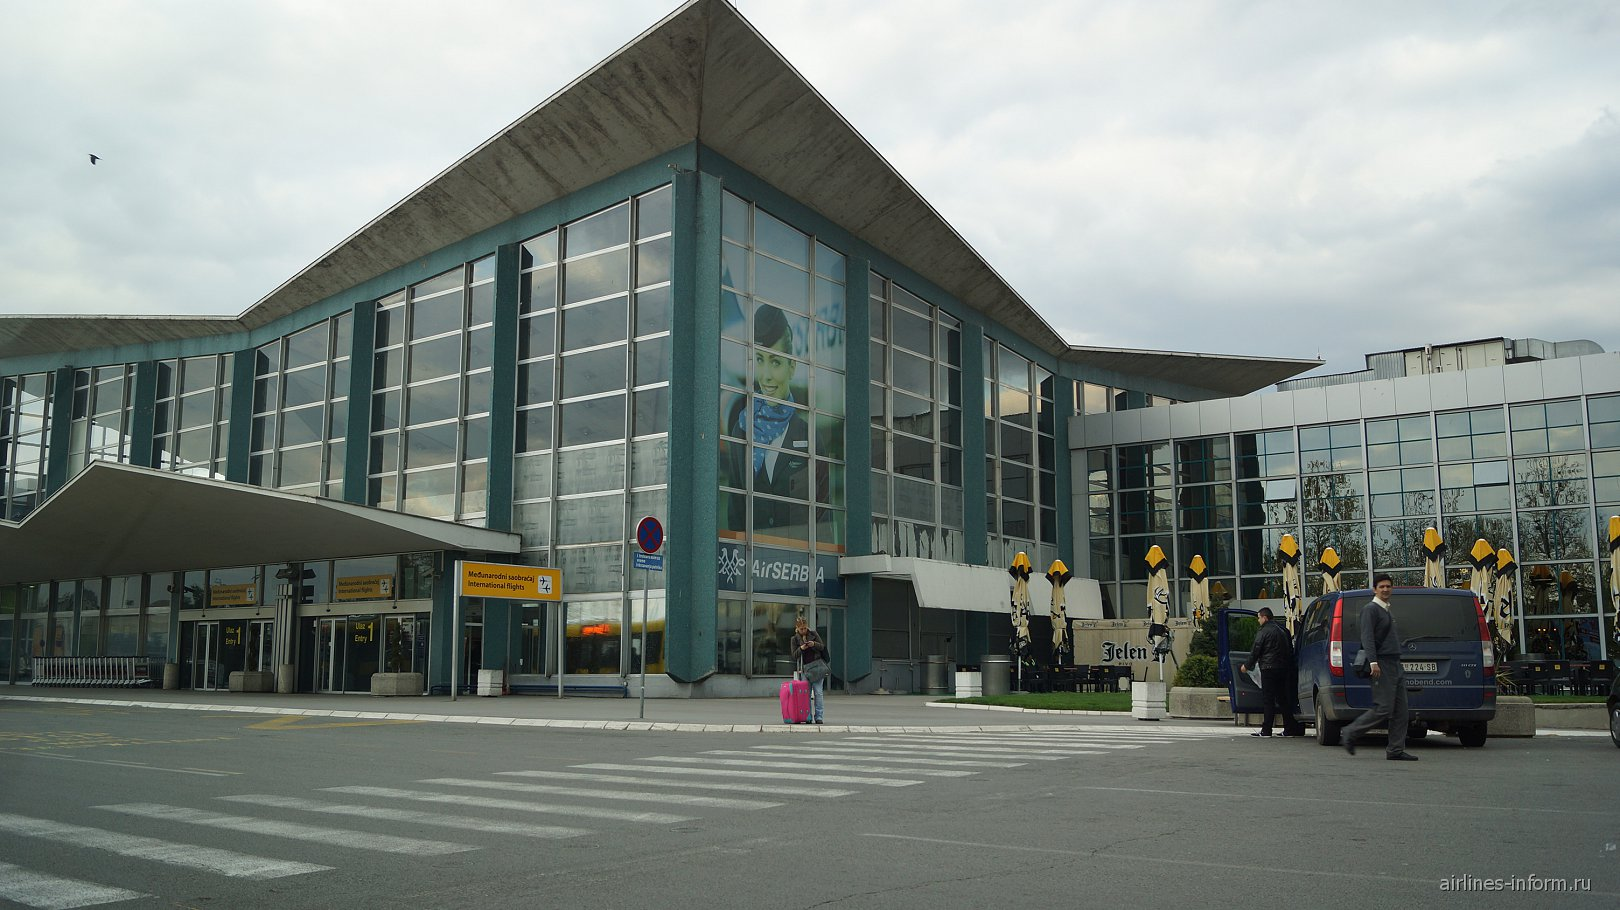 Терминал 1 аэропорта Белград Никола Тесла